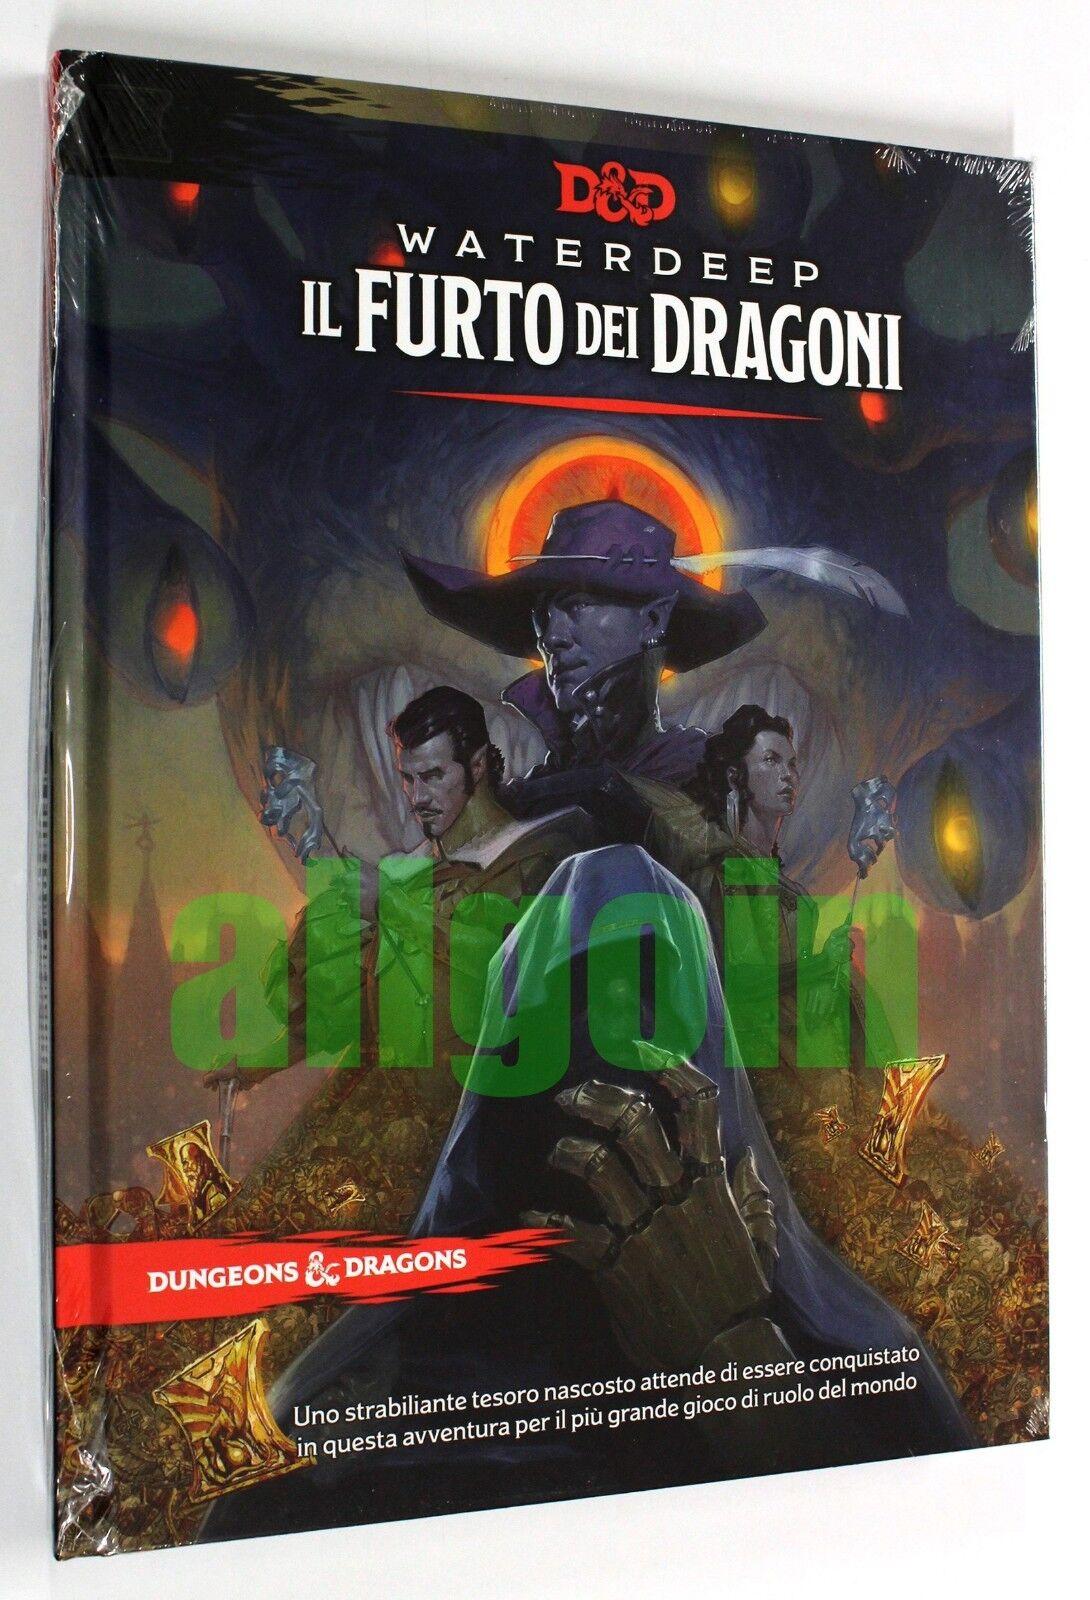 Dungeons & Dragons  WATERDEEP IL FURTO DEI DRAGONI D&D 5e 5^ EDIZIONE AVVENTURA  100% autentico